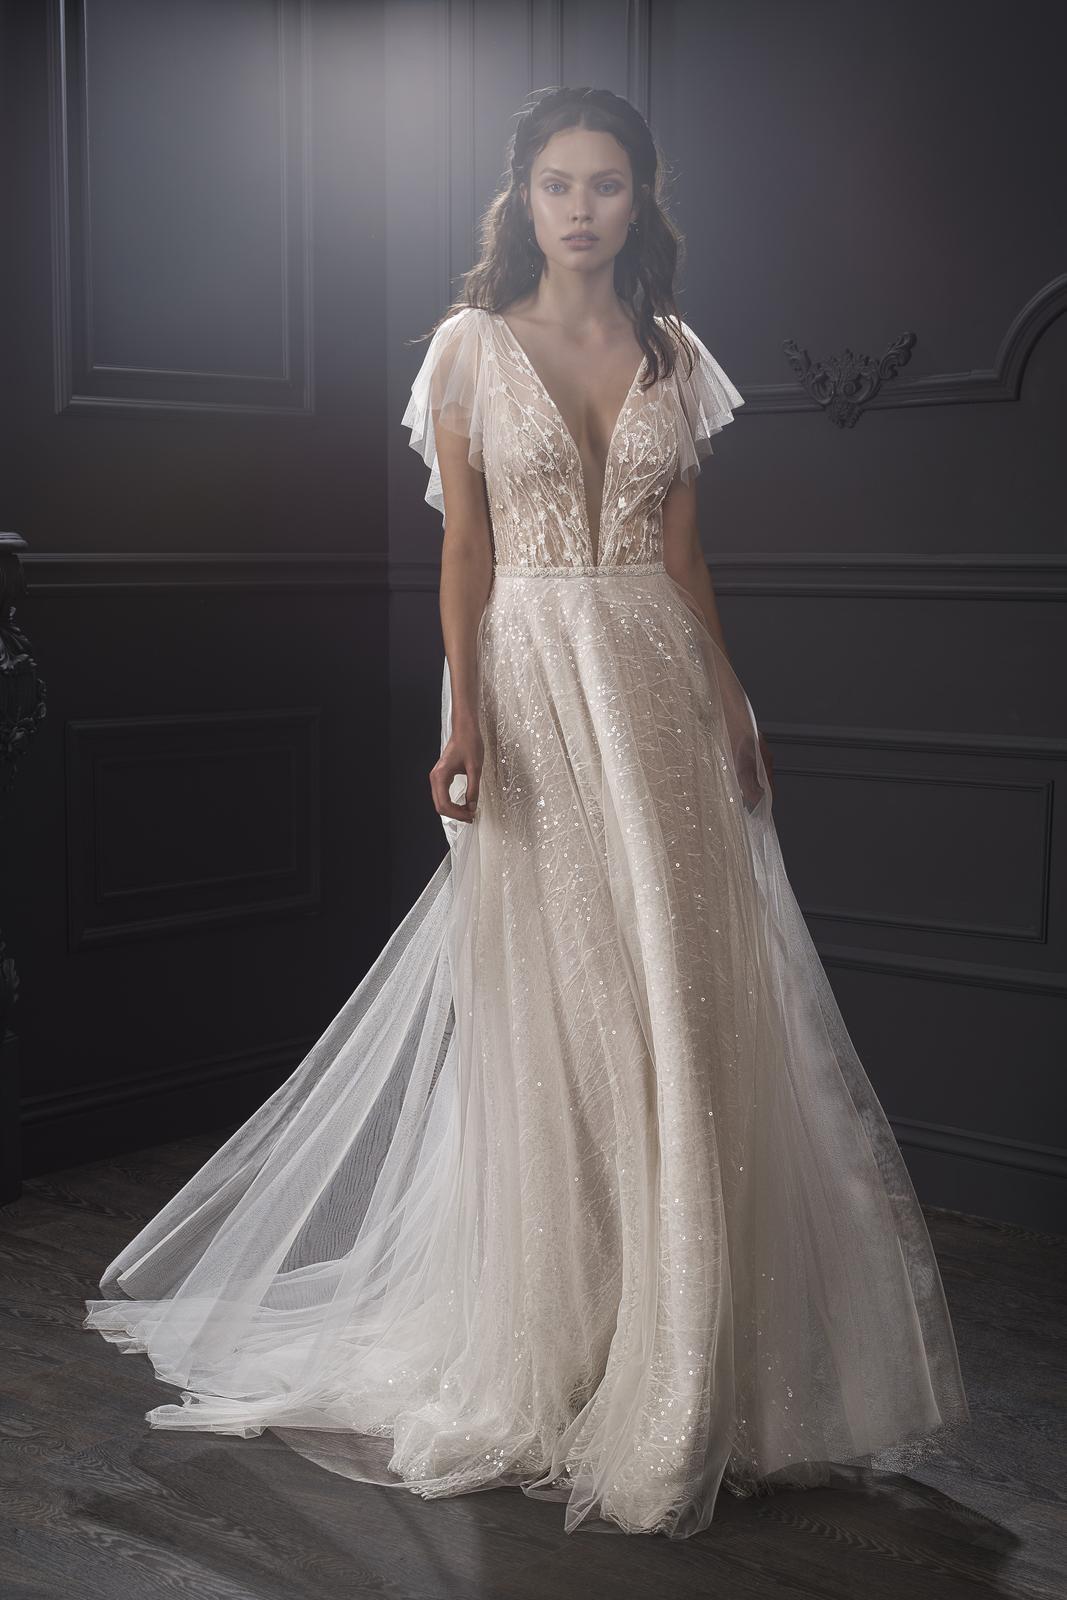 Svadobné šaty z kolekcií na rok 2019 - Obrázok č. 232